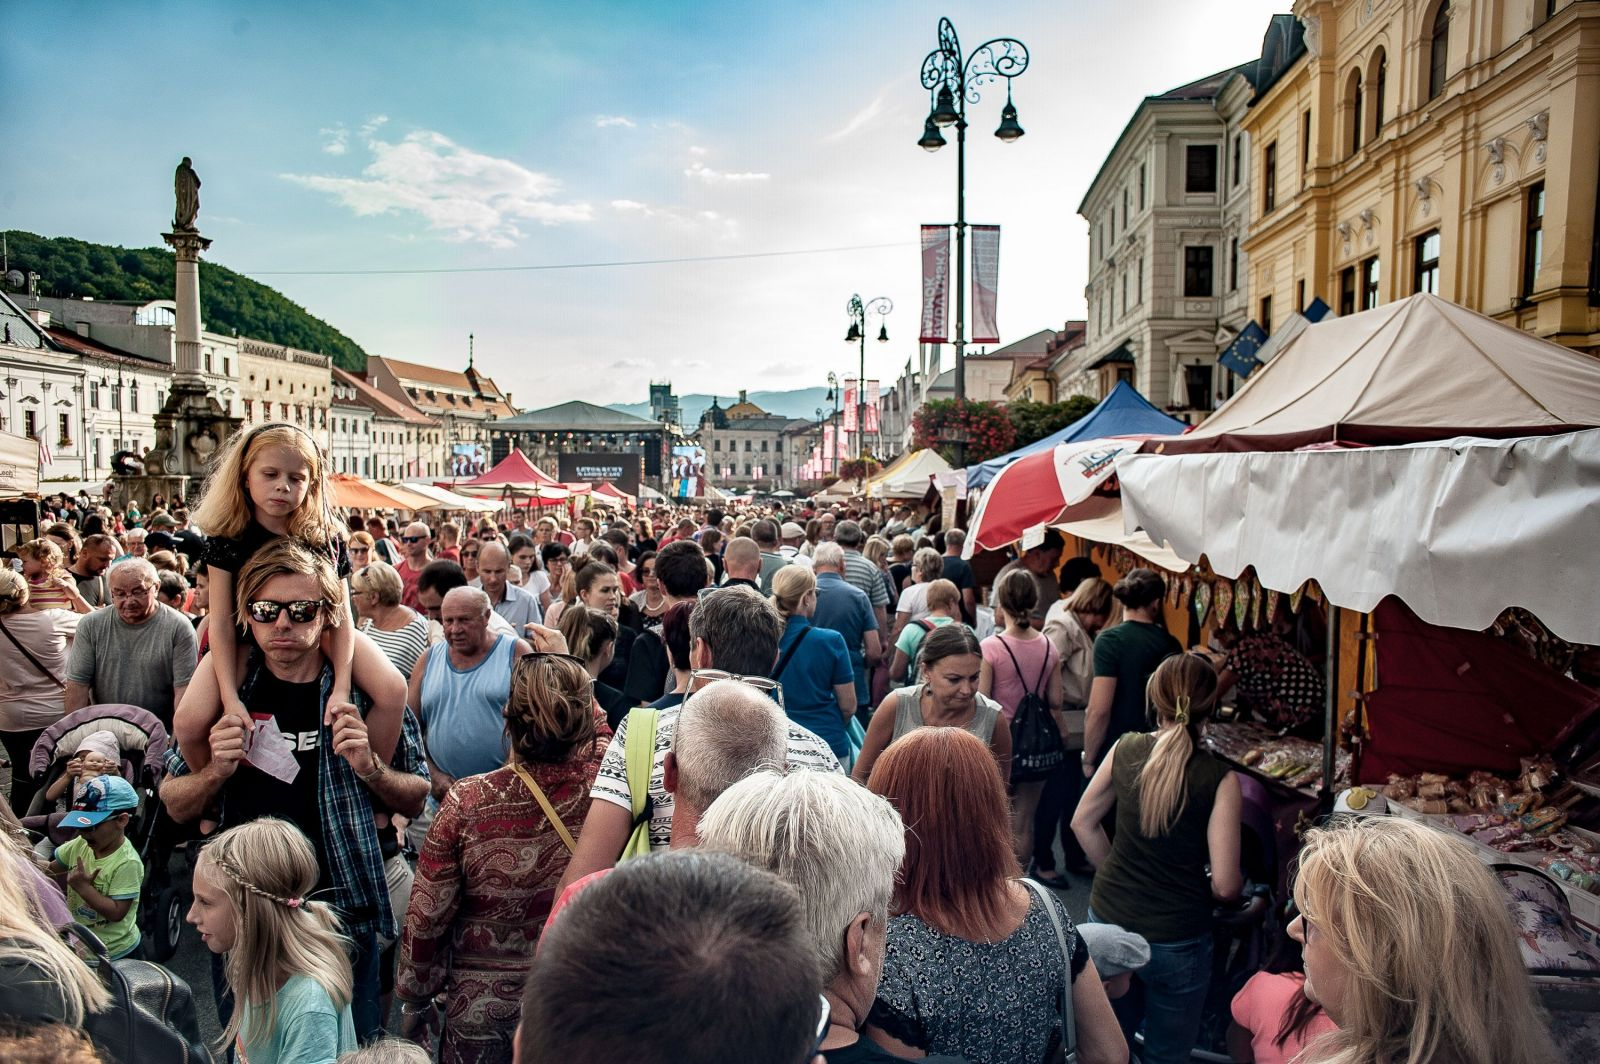 Koľko ľudí bude žiť na Slovensku v roku 2100? Podľa vedcov nás čaká populačná kríza, obávajú sa najhoršieho